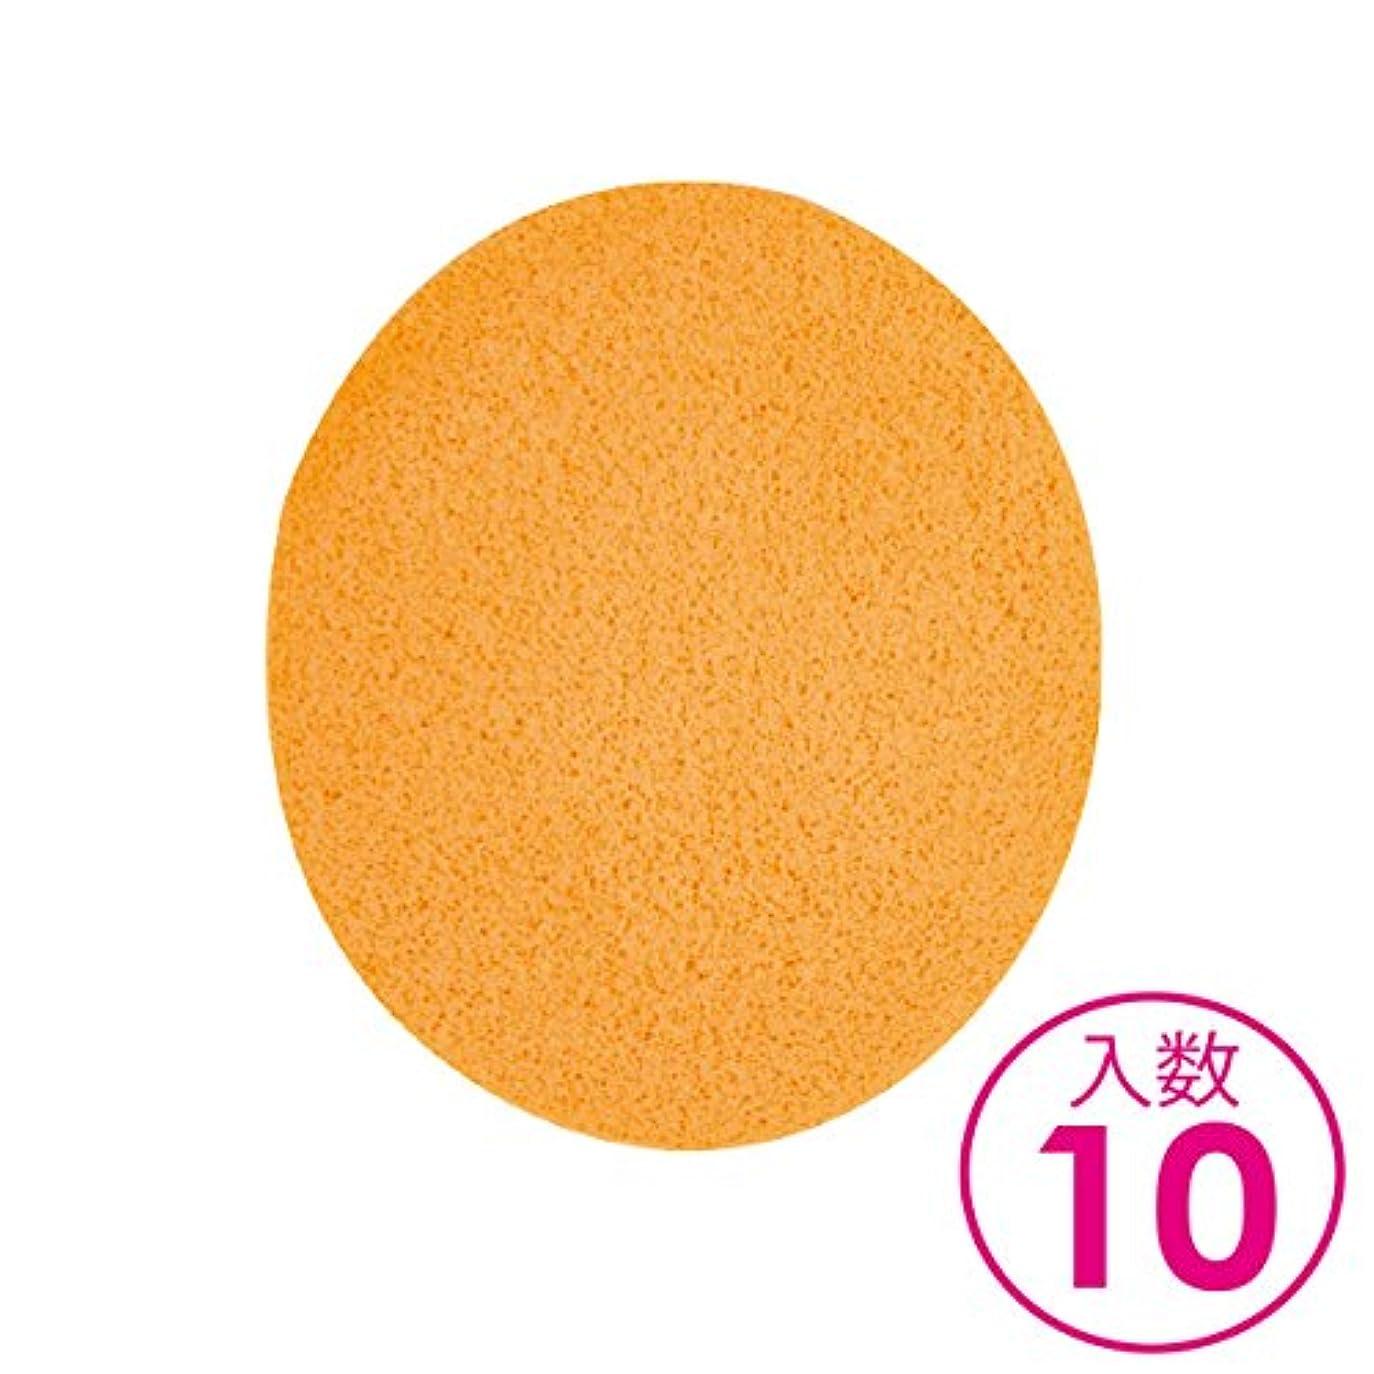 オンライター検出可能ボディスポンジ 幅120×長さ140×厚み10mm (きめ粗い) 10枚入 オレンジ [ ボディスポンジ ボディ用スポンジ マッサージスポンジ ボディ ボディー 体用 エステ スポンジ パック 拭き取り 吸水 保水 ]